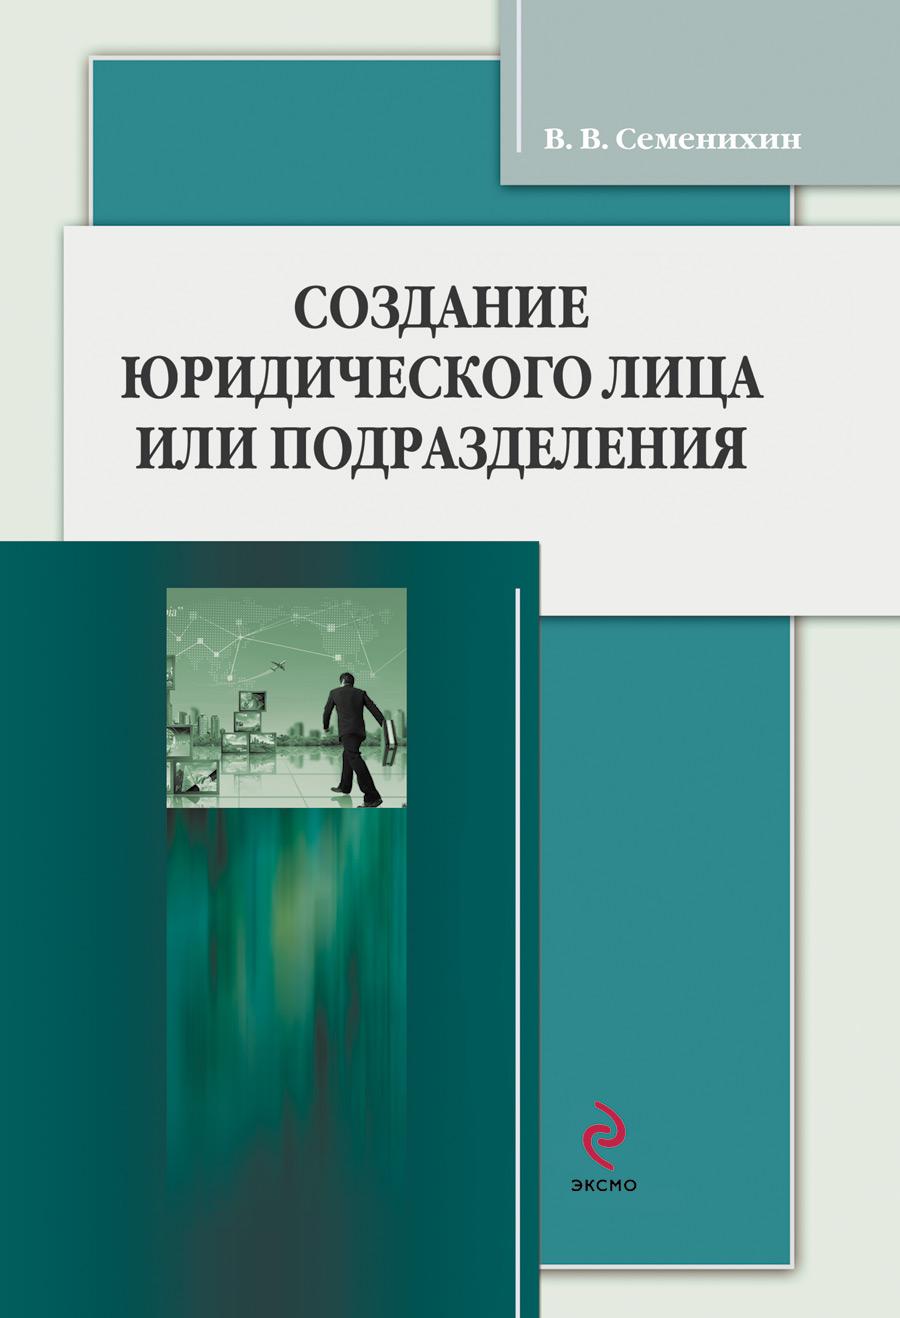 Обложка книги. Автор - Виталий Семенихин